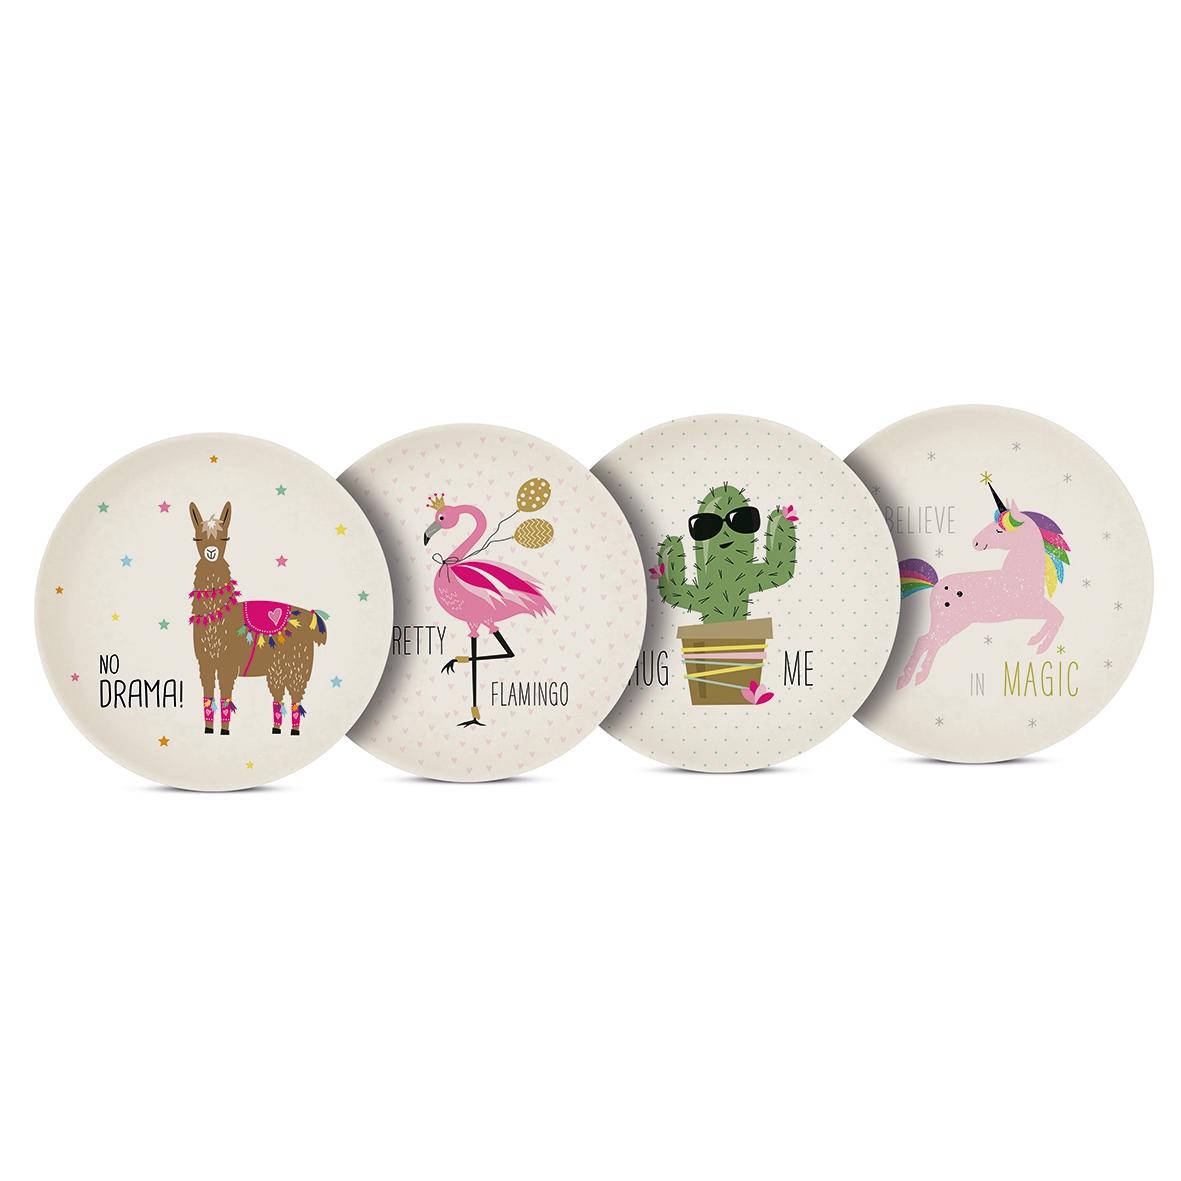 Bamboo plate - Pink Unicorn & Friends Set of 4